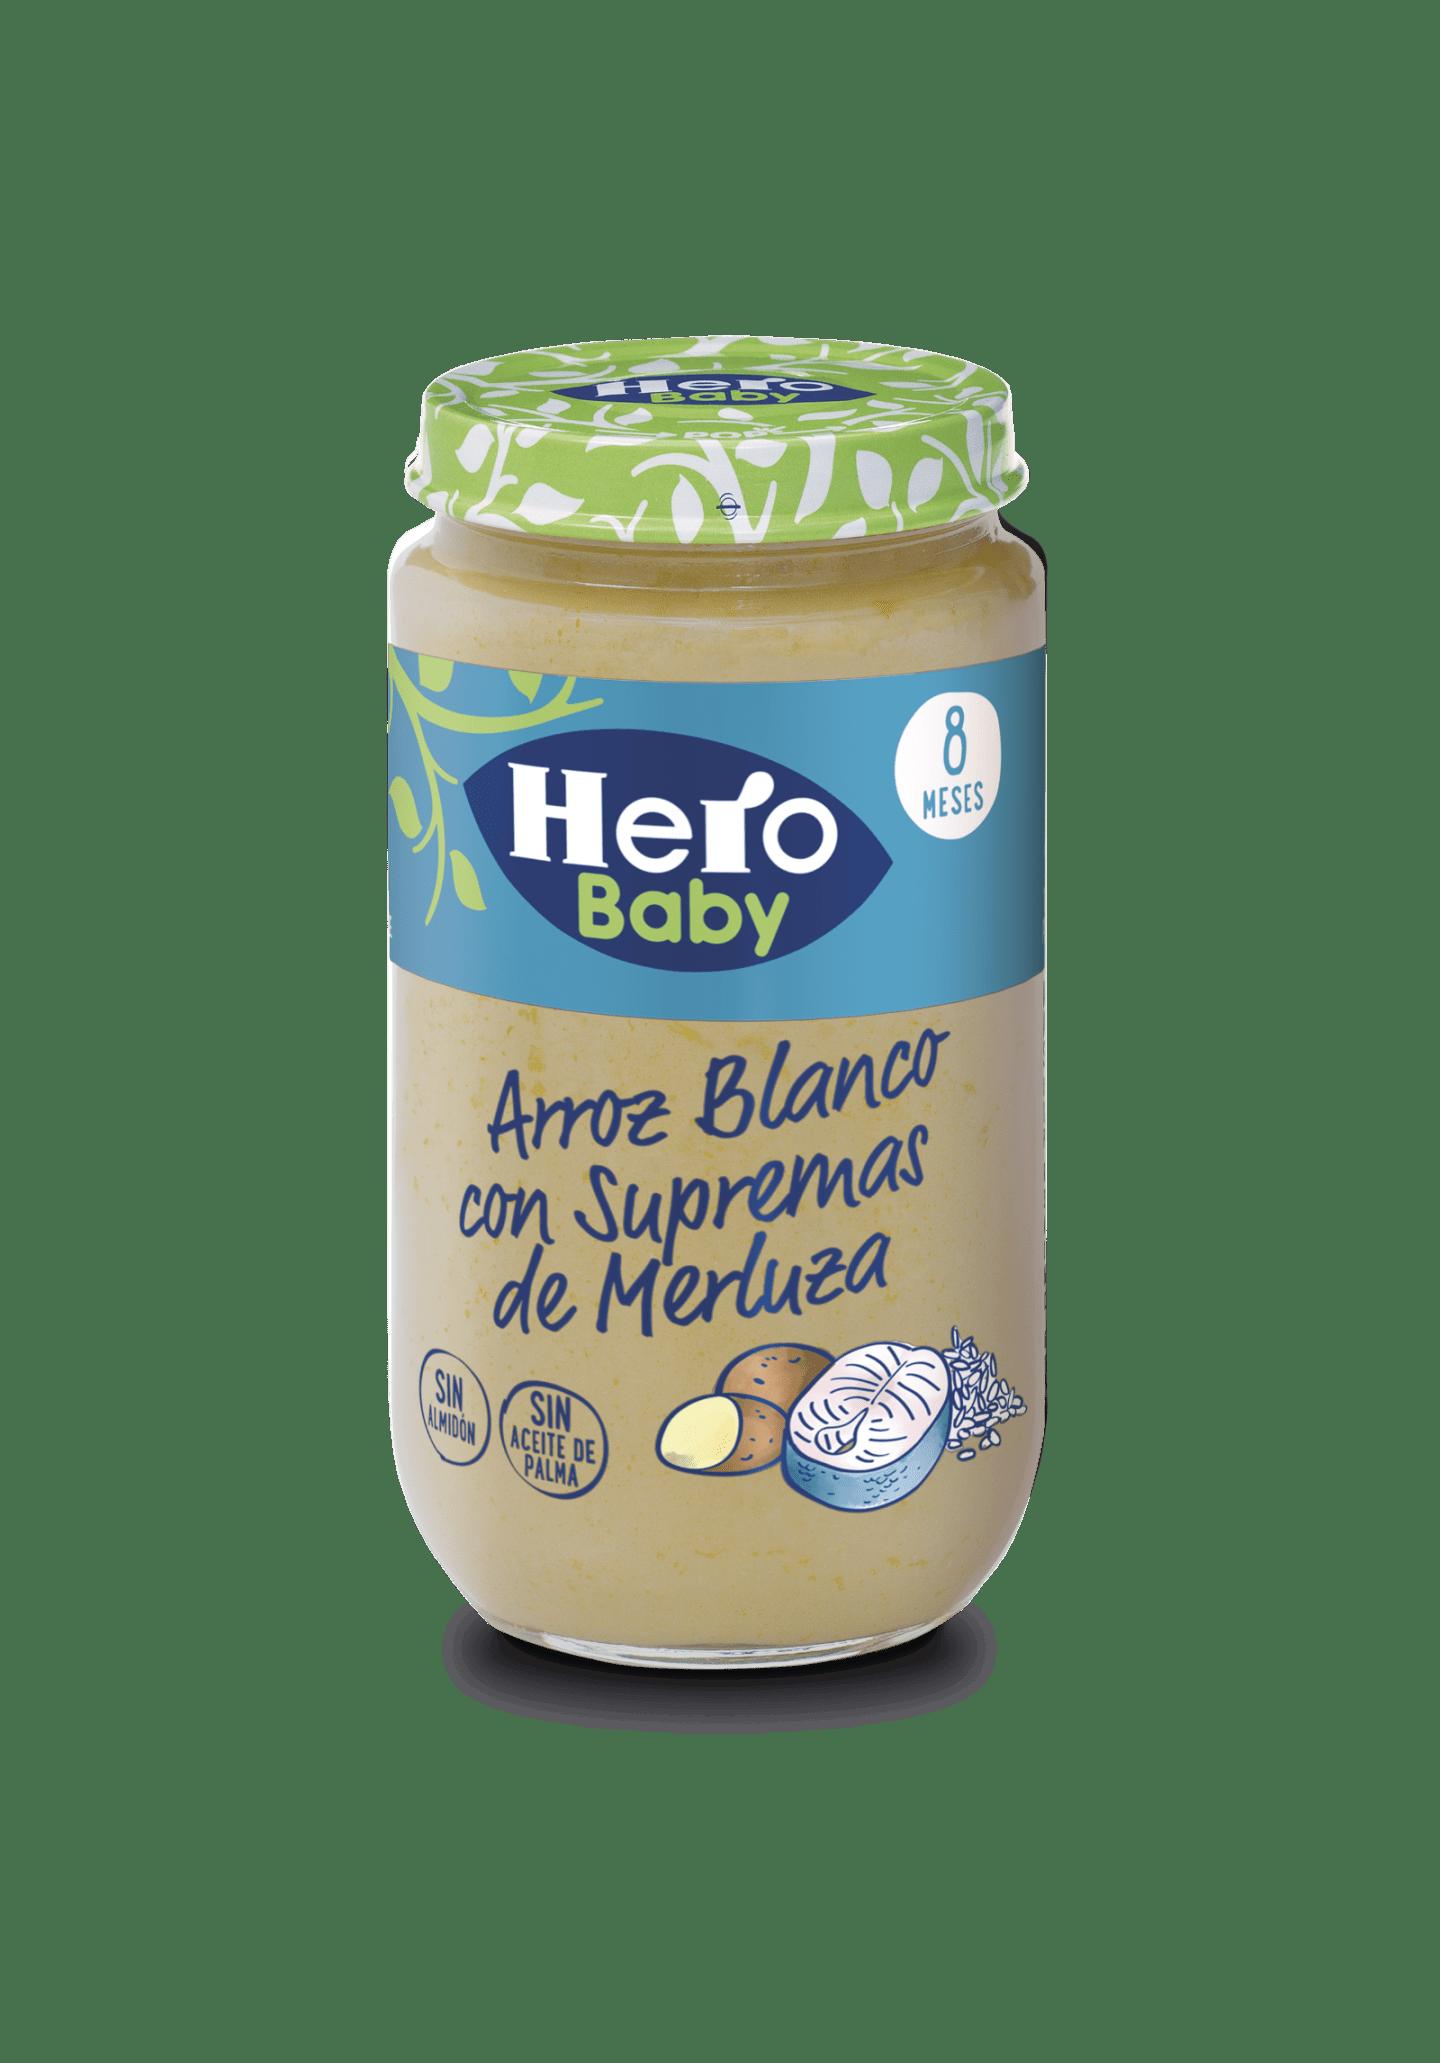 Tarrito de Arroz Blanco y Merluza